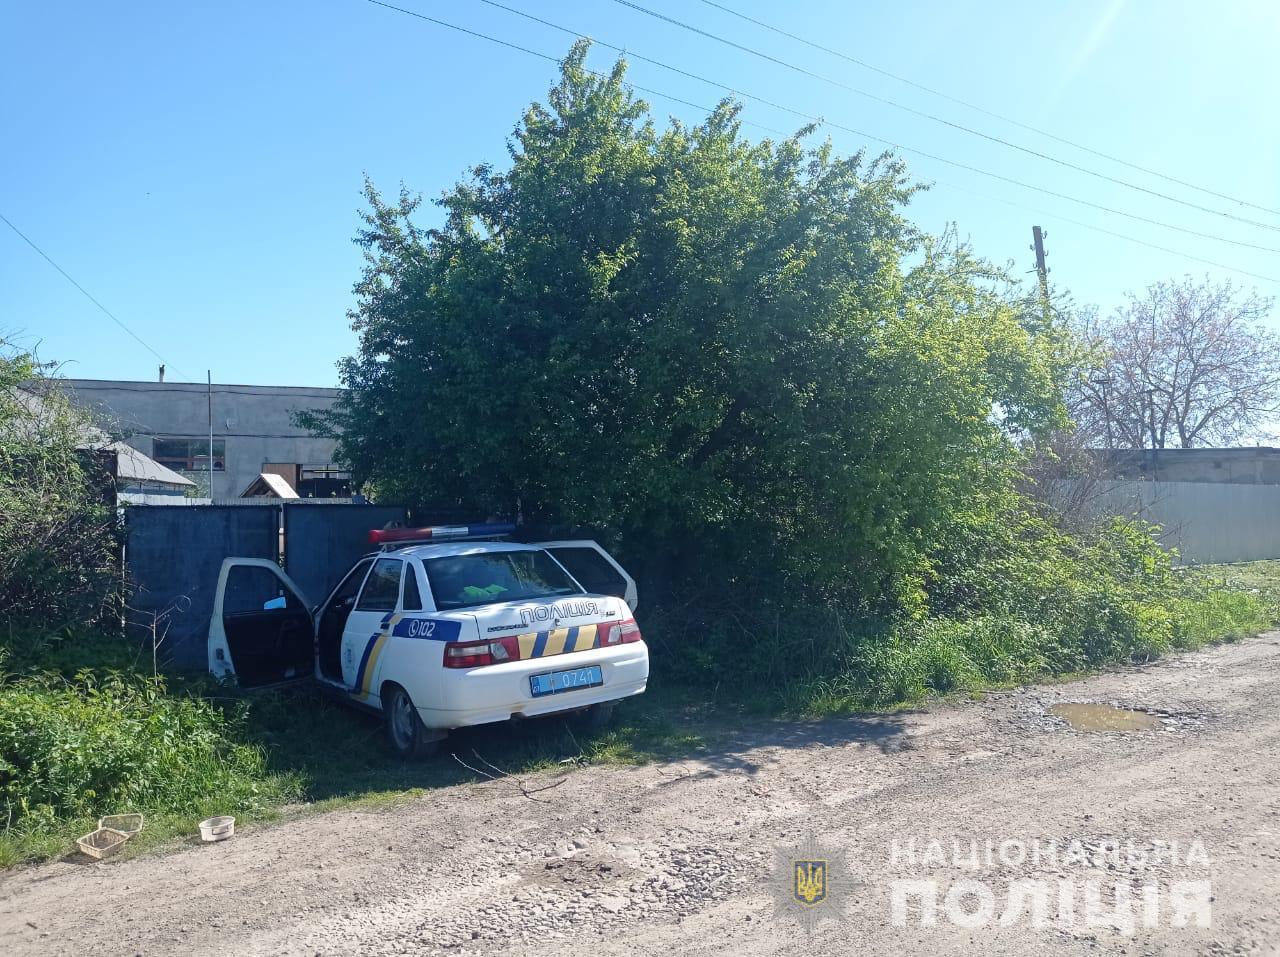 На улице Крылова в Мукачево 38-летний местный житель ночью проник в помещение цеха, где работал, и похитил около 10 единиц электрооборудования.